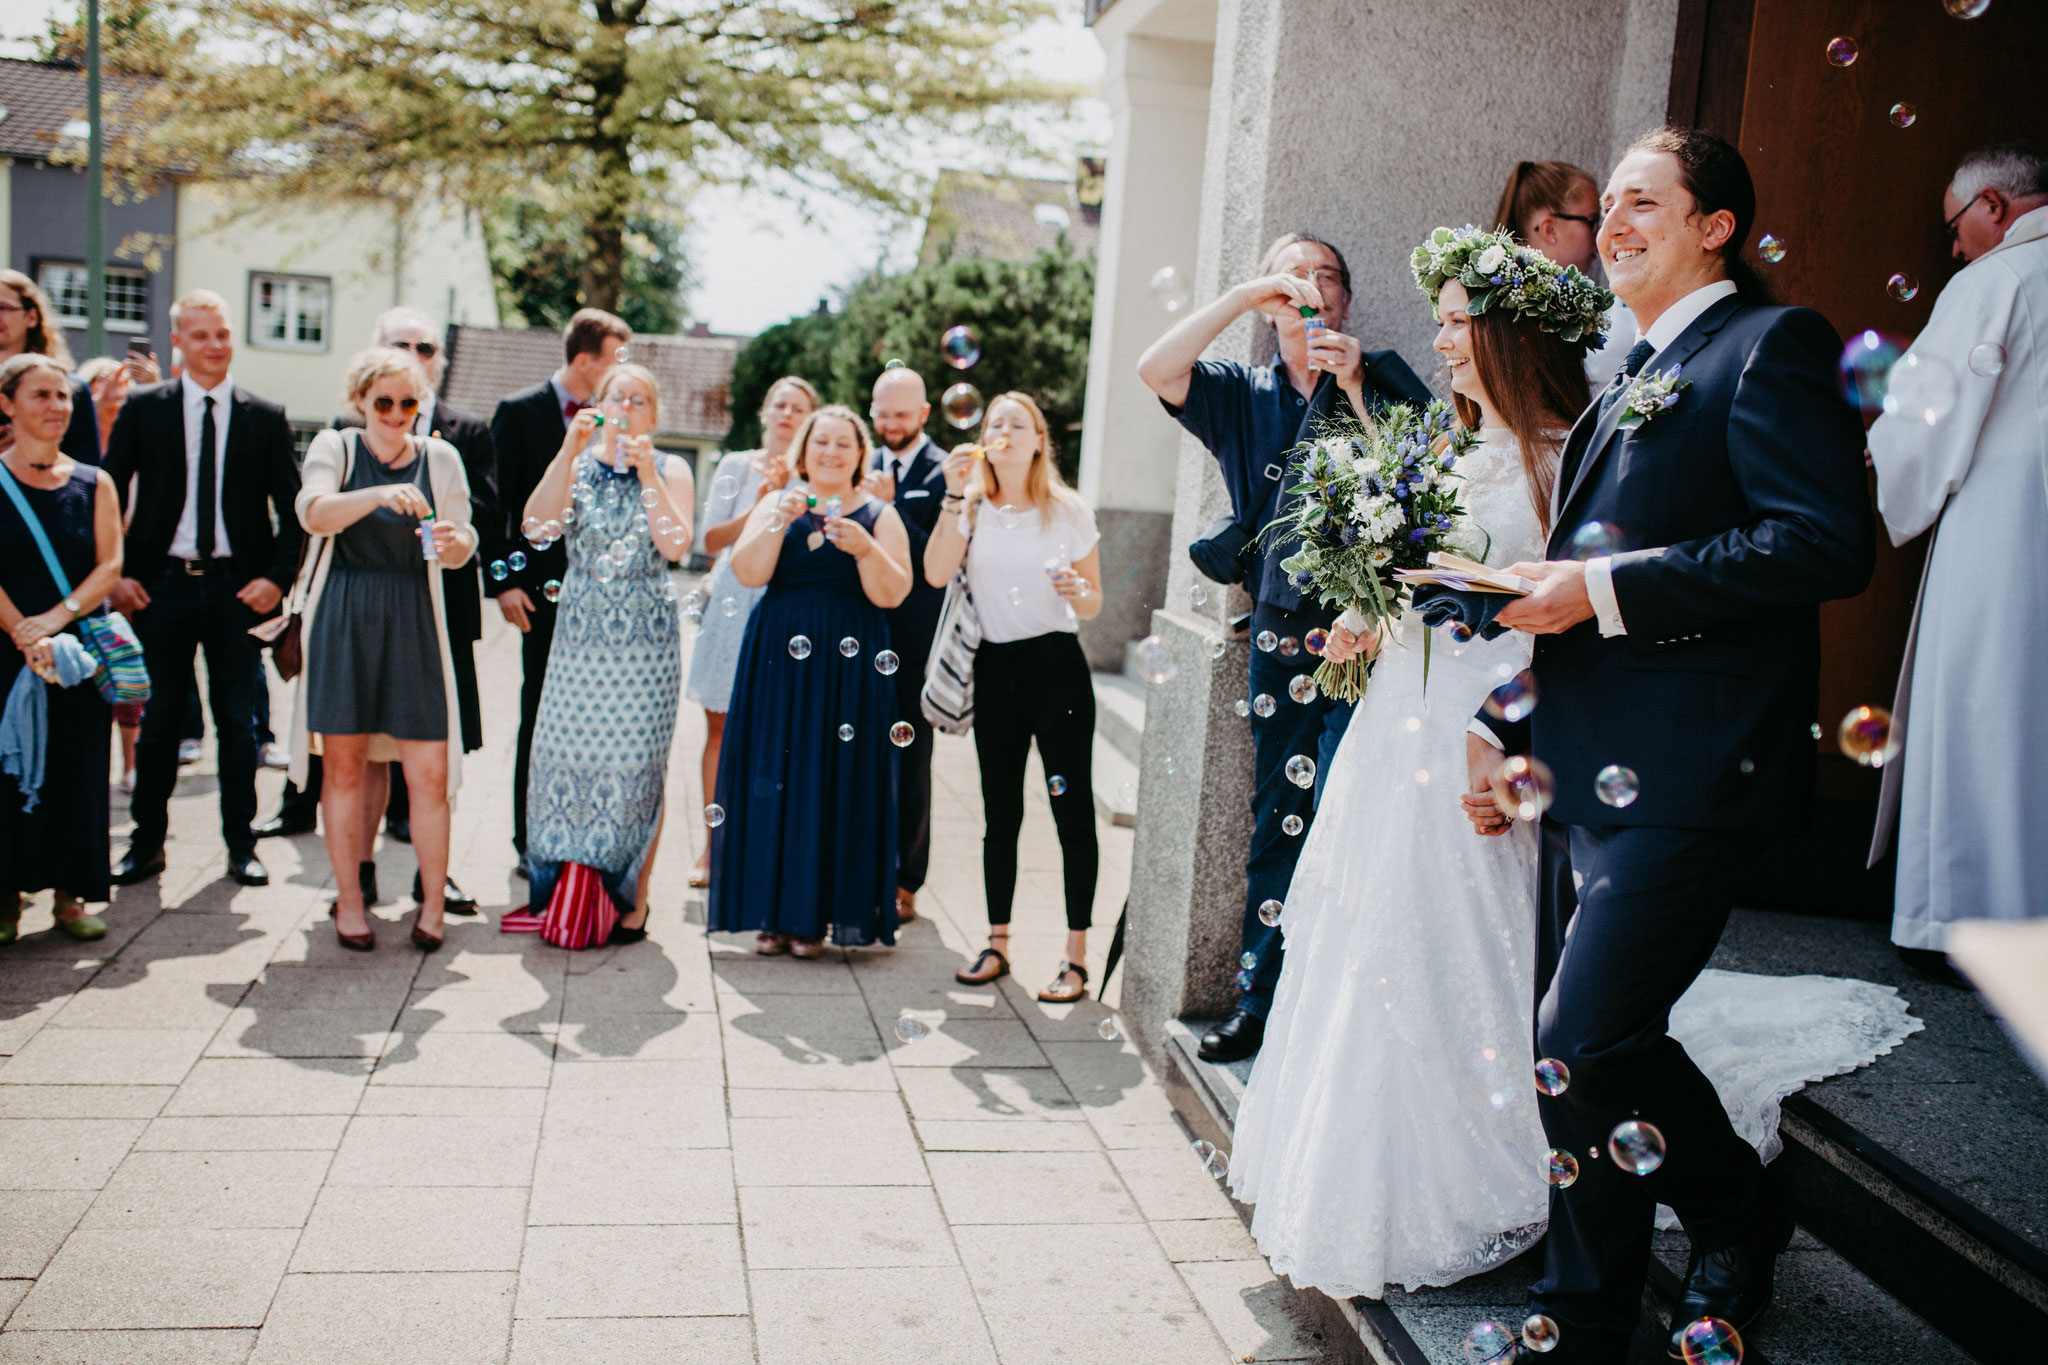 Hochzeitsfotografin Rebecca Adloff Ruhrgebiet, Essen, Düsseldorf, NRW, Oberhausen |Hochzeitsreportage |Hochzeitsfotos | kirchliche Trauung